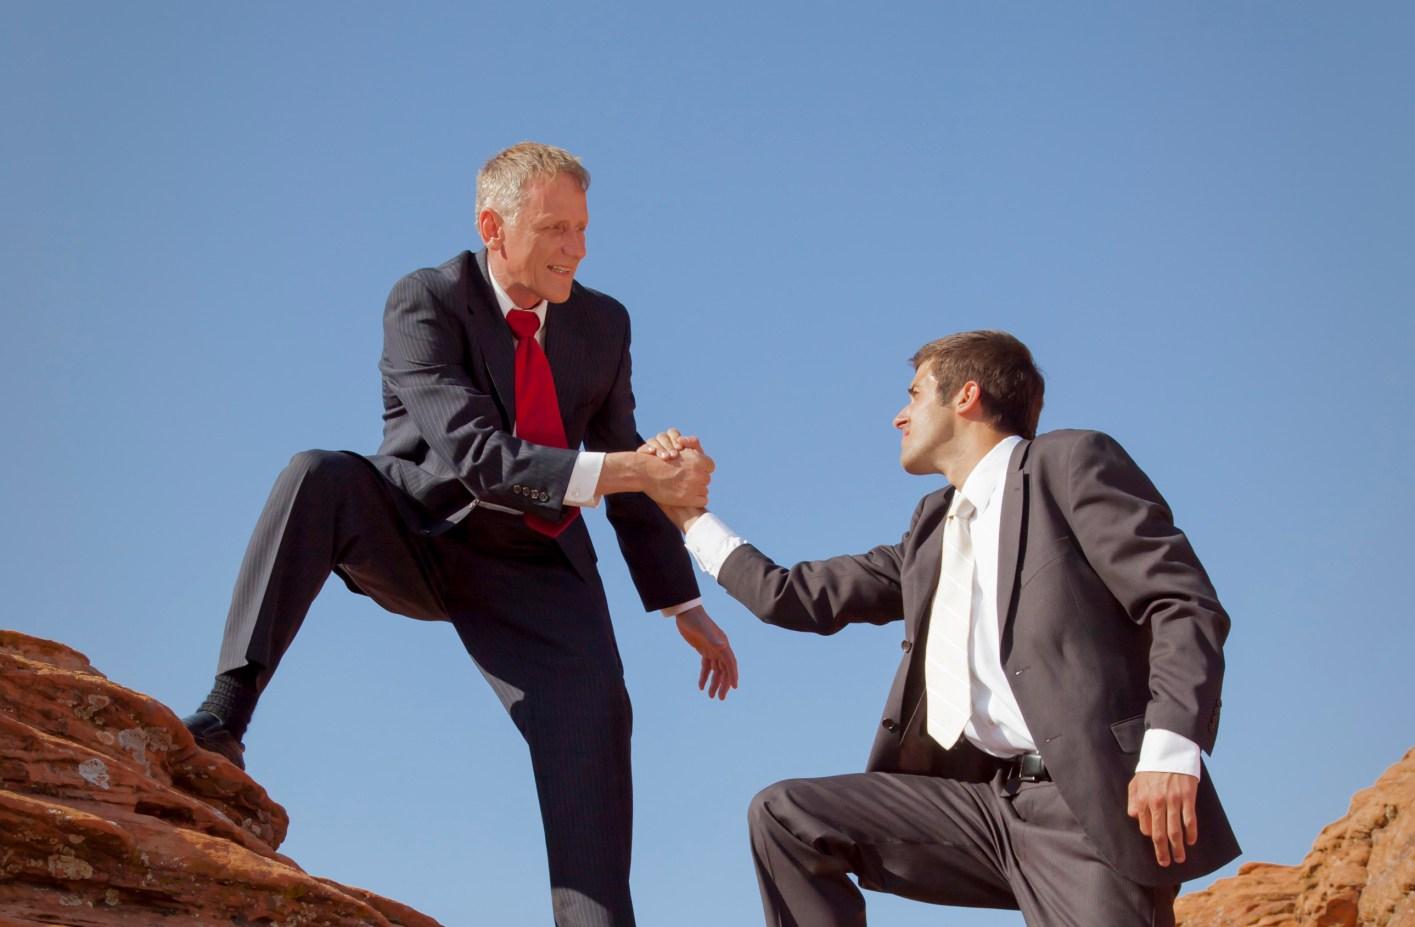 этой фото на тему лидерство и опыт они вступали